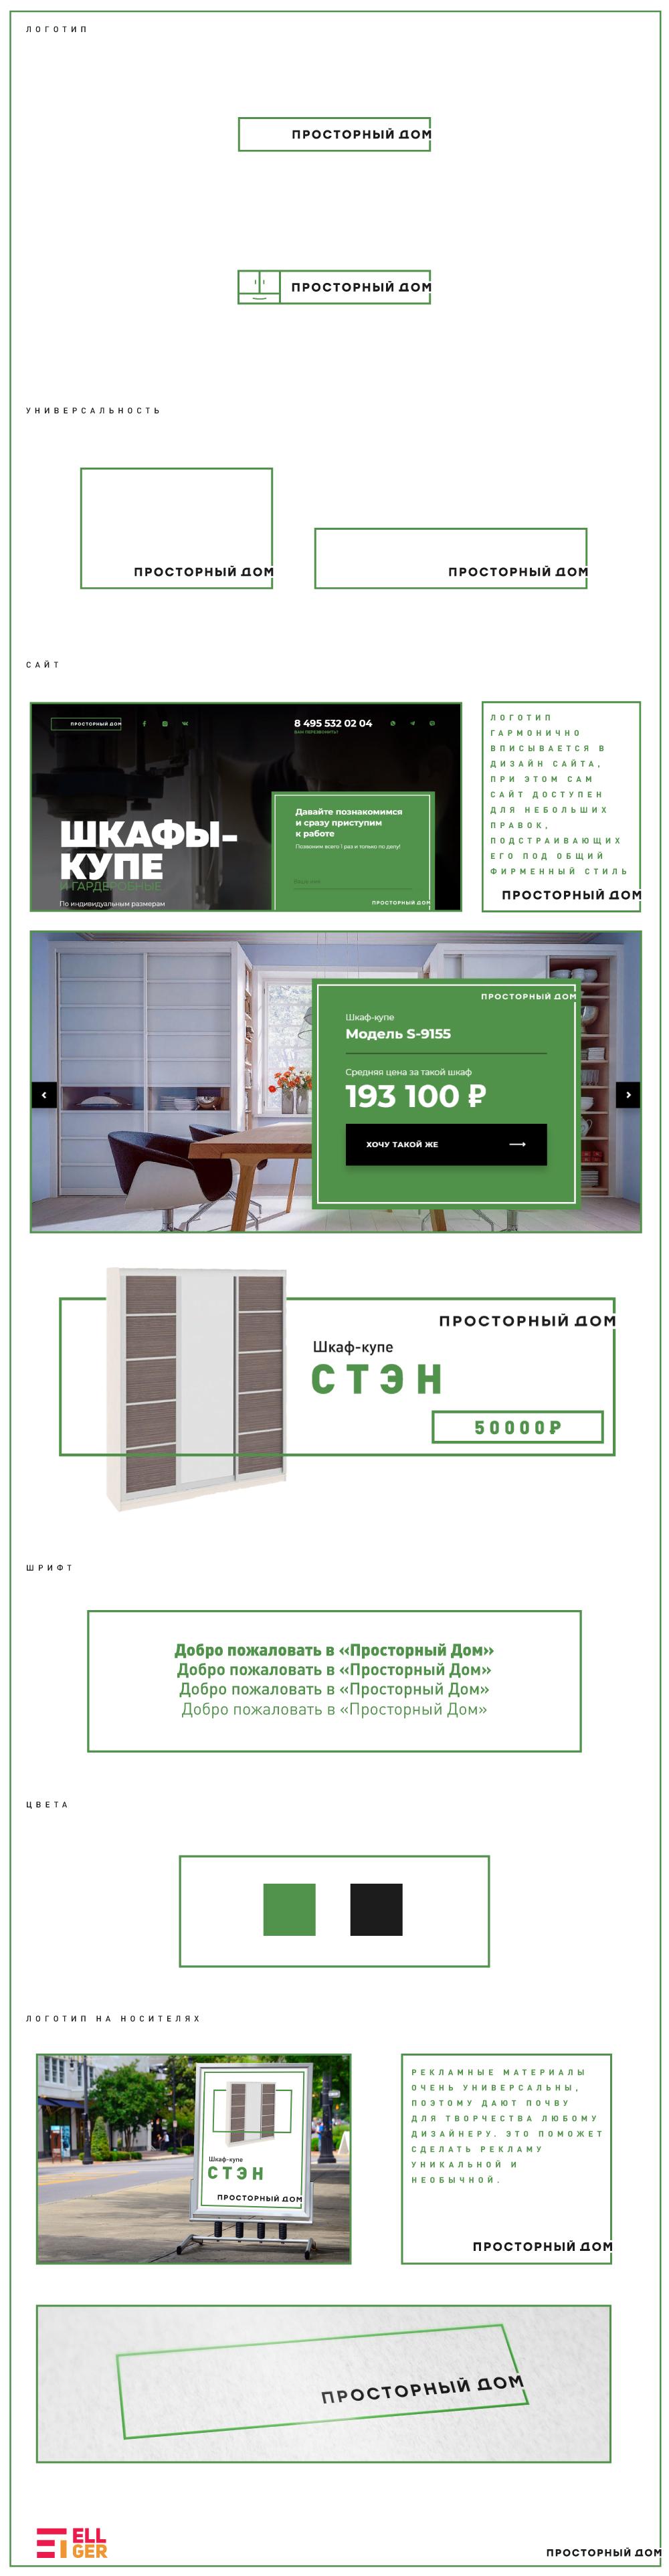 Логотип и фирменный стиль для компании по шкафам-купе фото f_7445b6c3ac270255.jpg